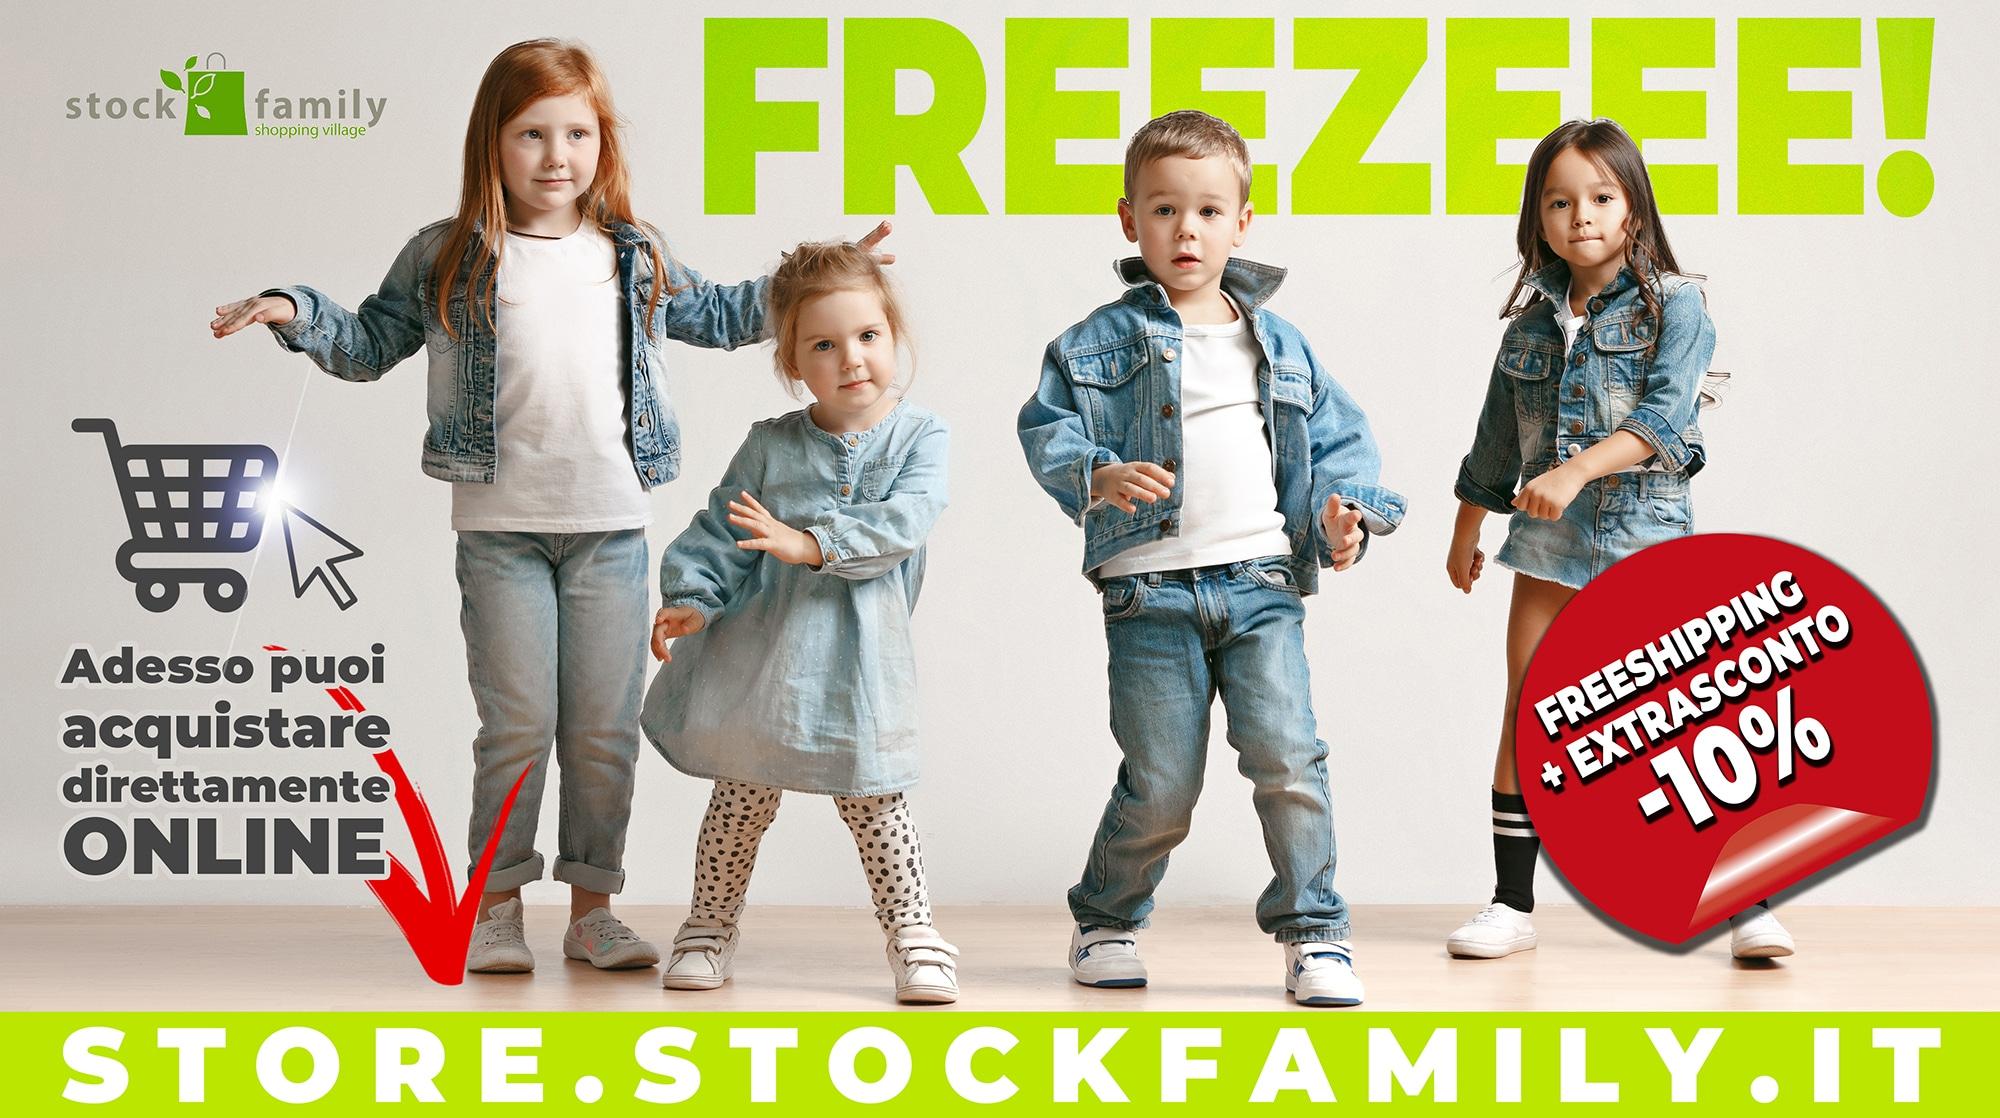 e-commerce Stock Family